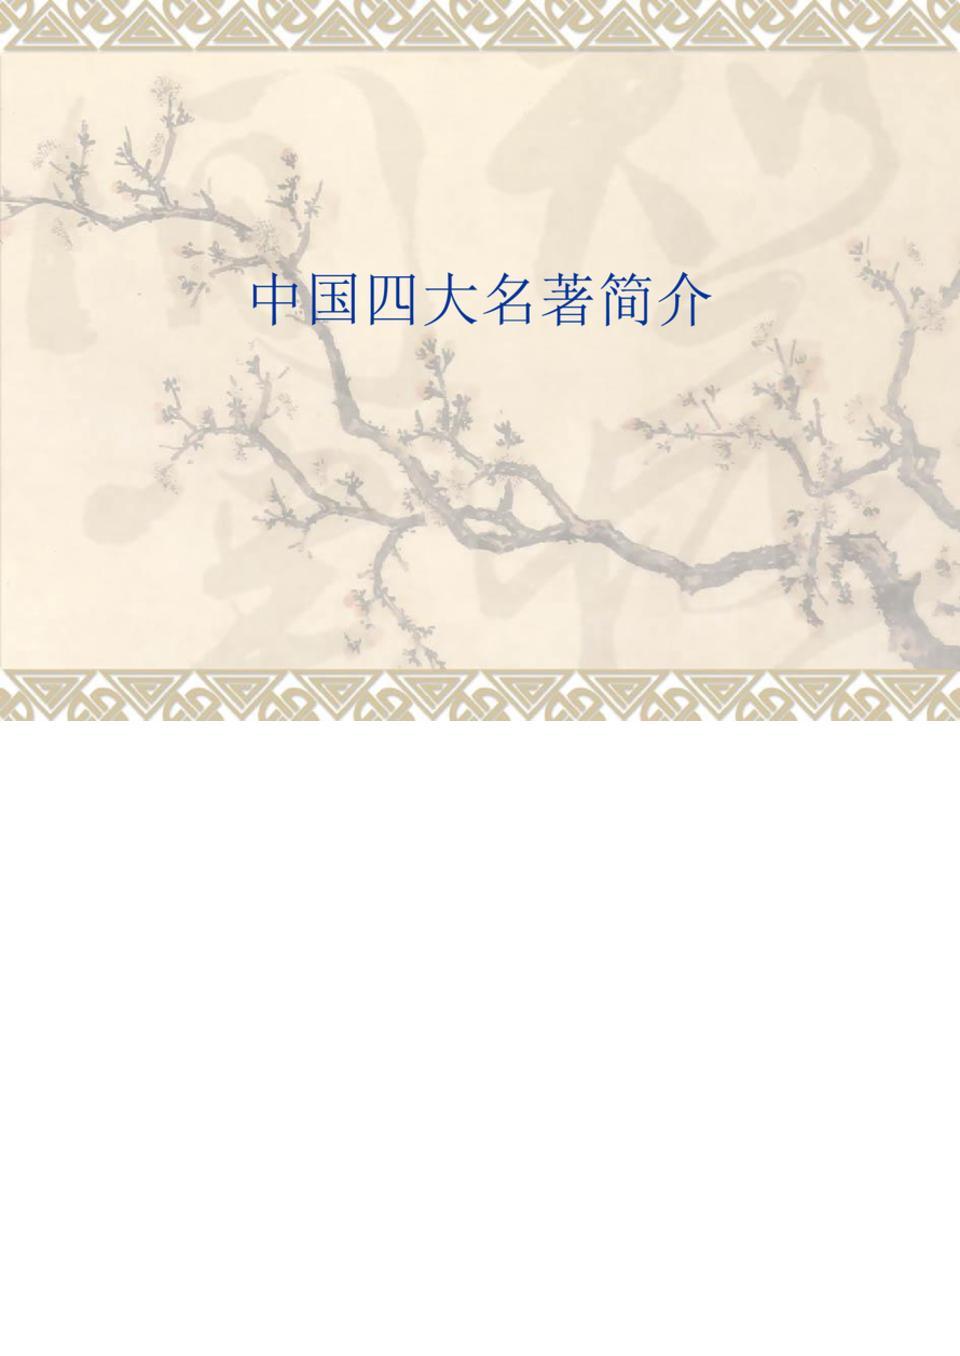 中国四大名著简介.ppt